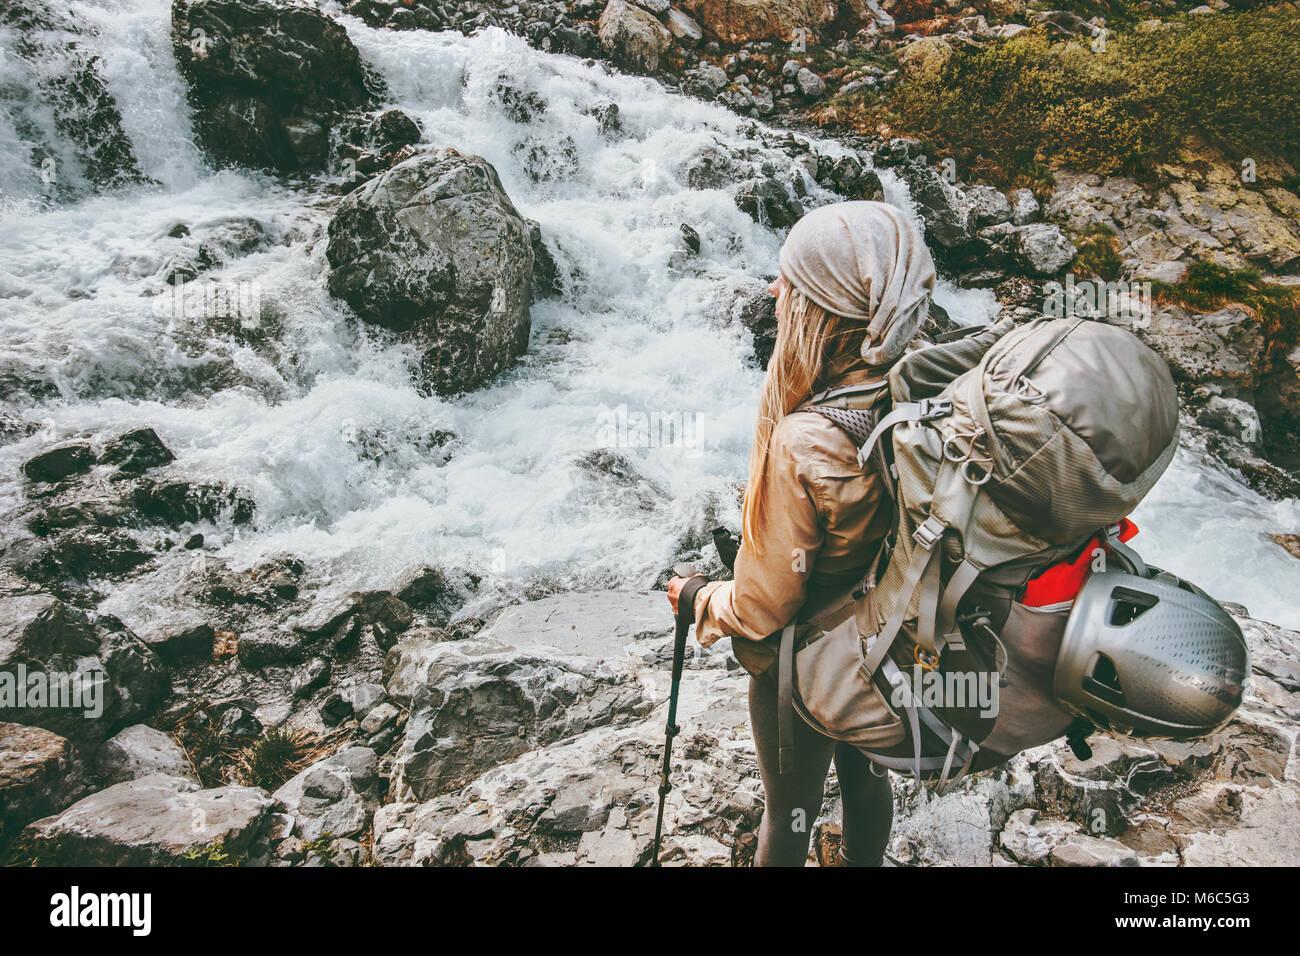 Adventurer travel donna escursionismo con zaino al fiume in montagna uno stile di vita sano concetto active estate Immagini Stock